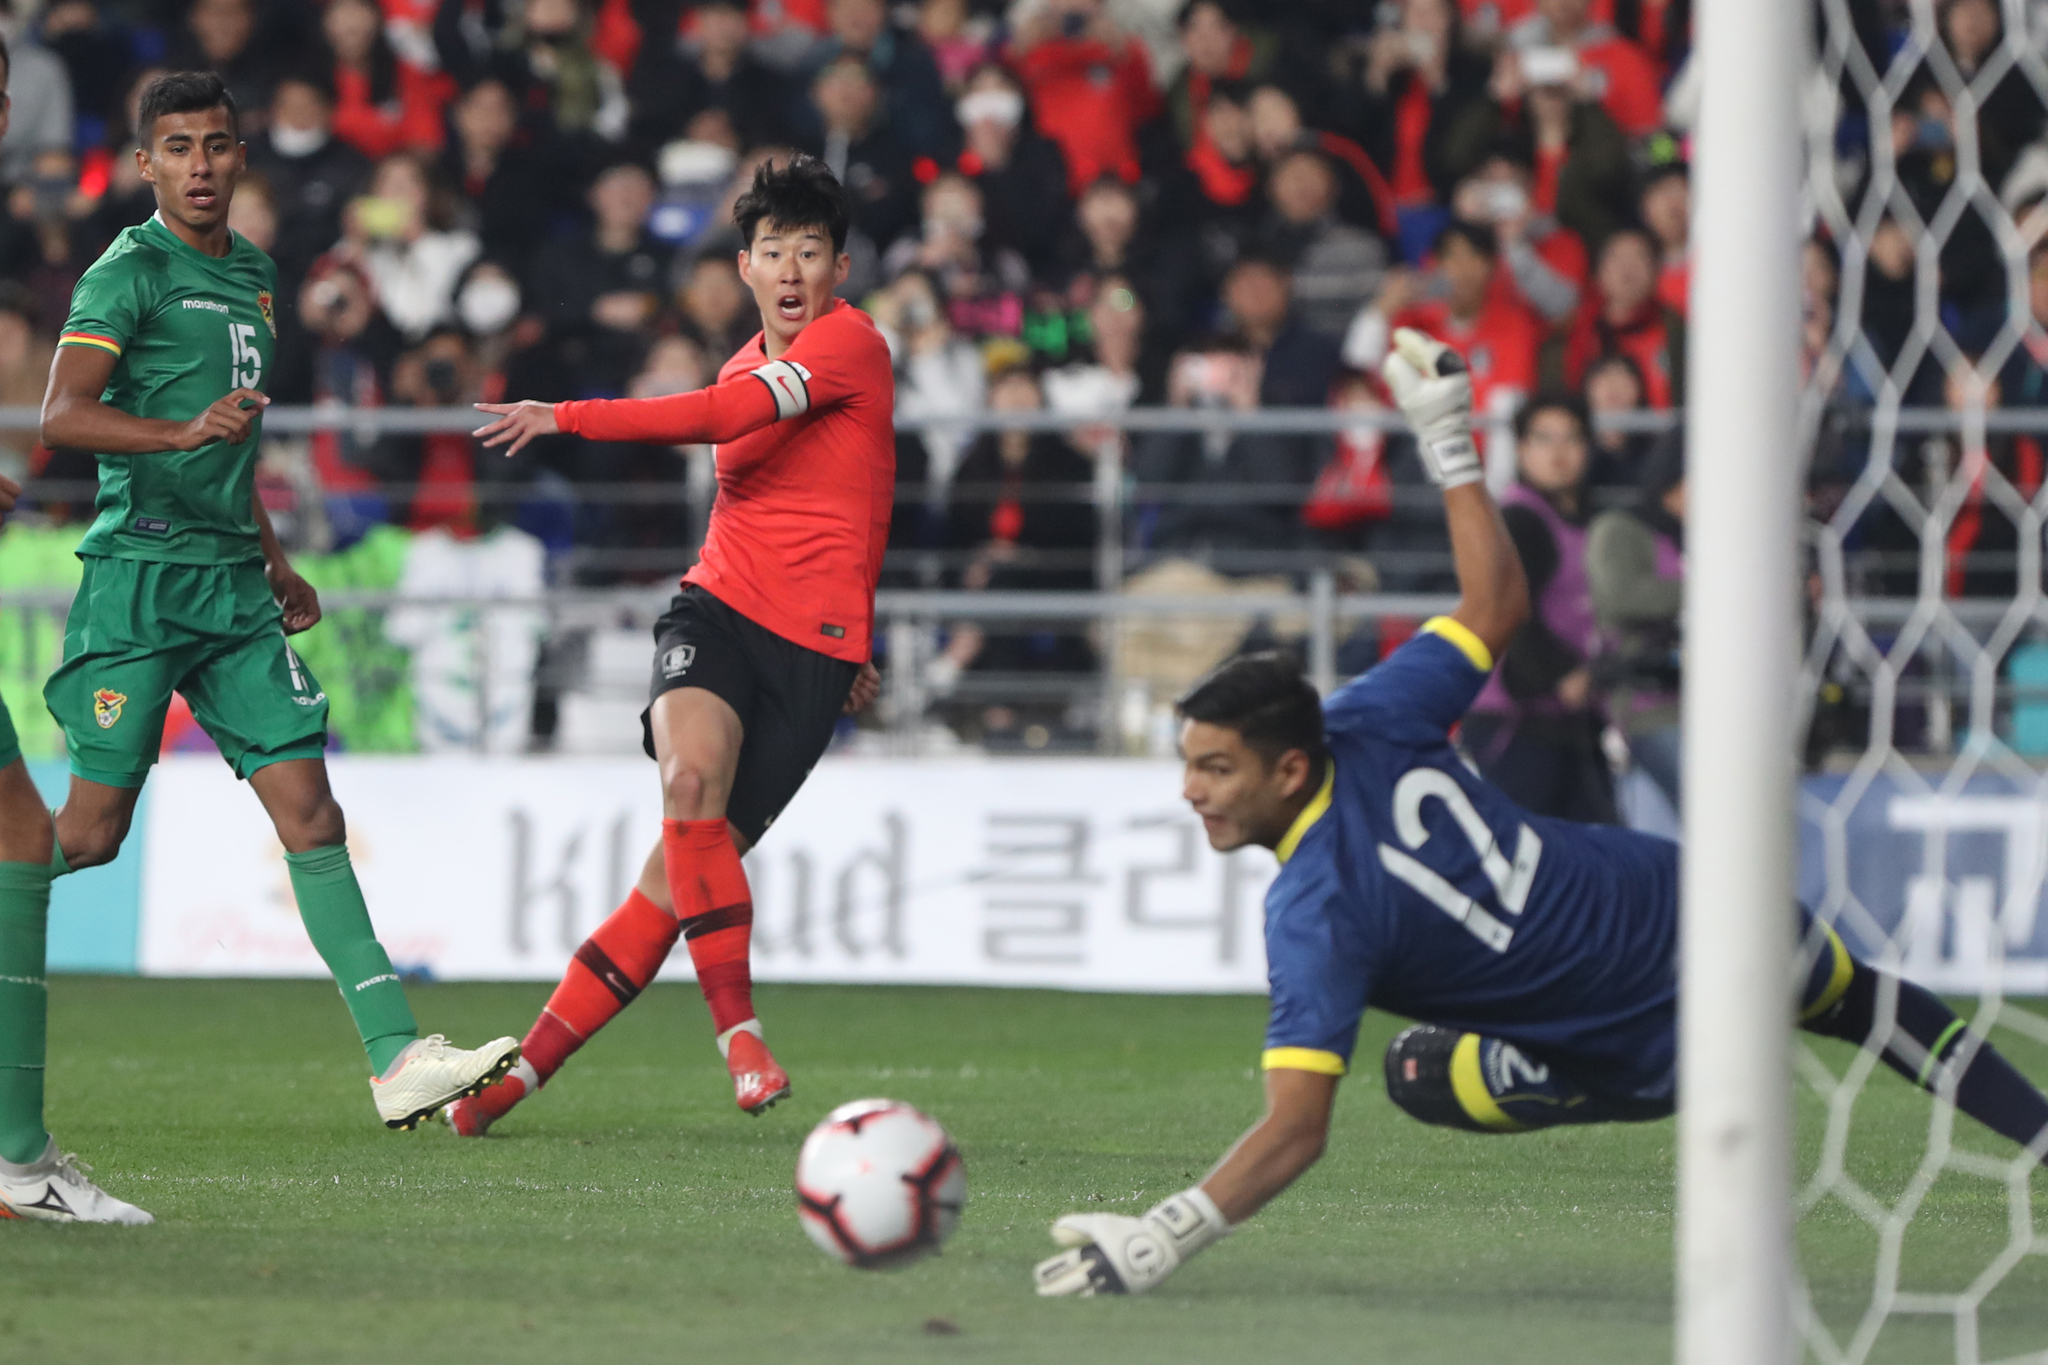 손흥민이 강슛을 했지만 공은 골대를 살짝 빗나갔다. [연합뉴스]